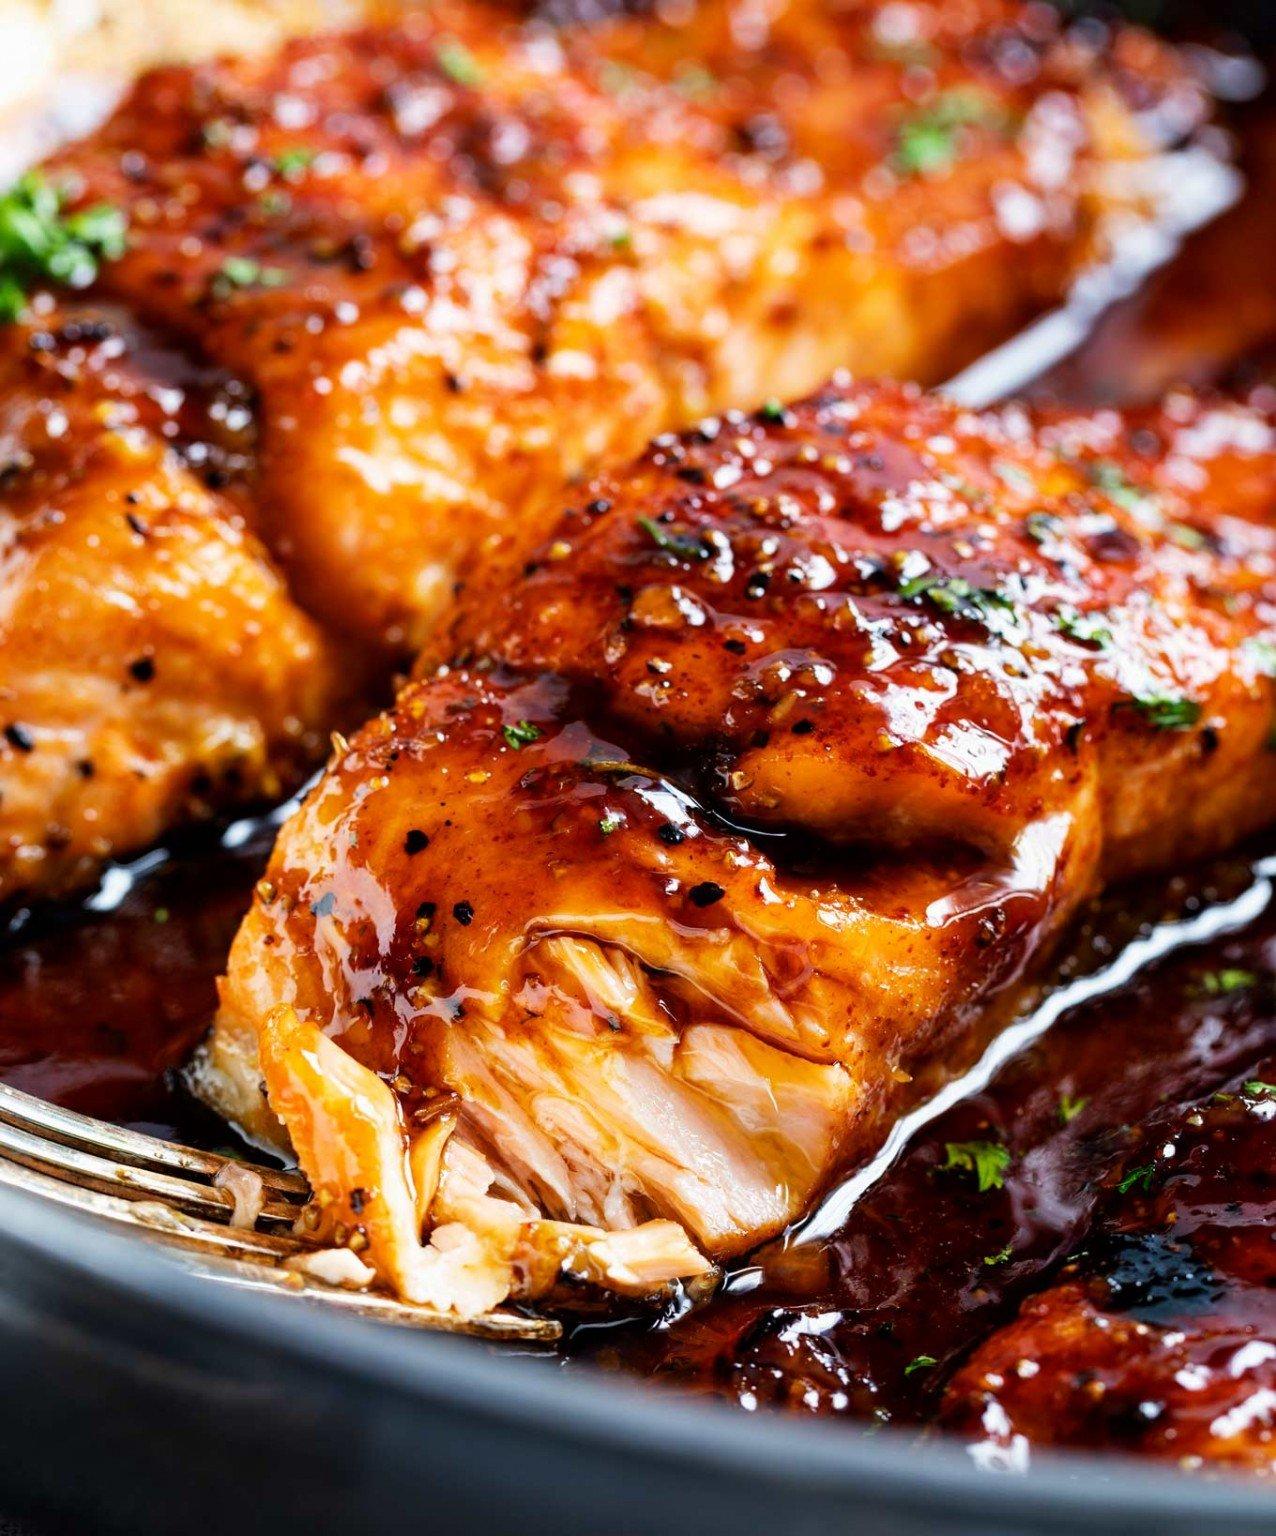 Lachs mit Honig im Ofen